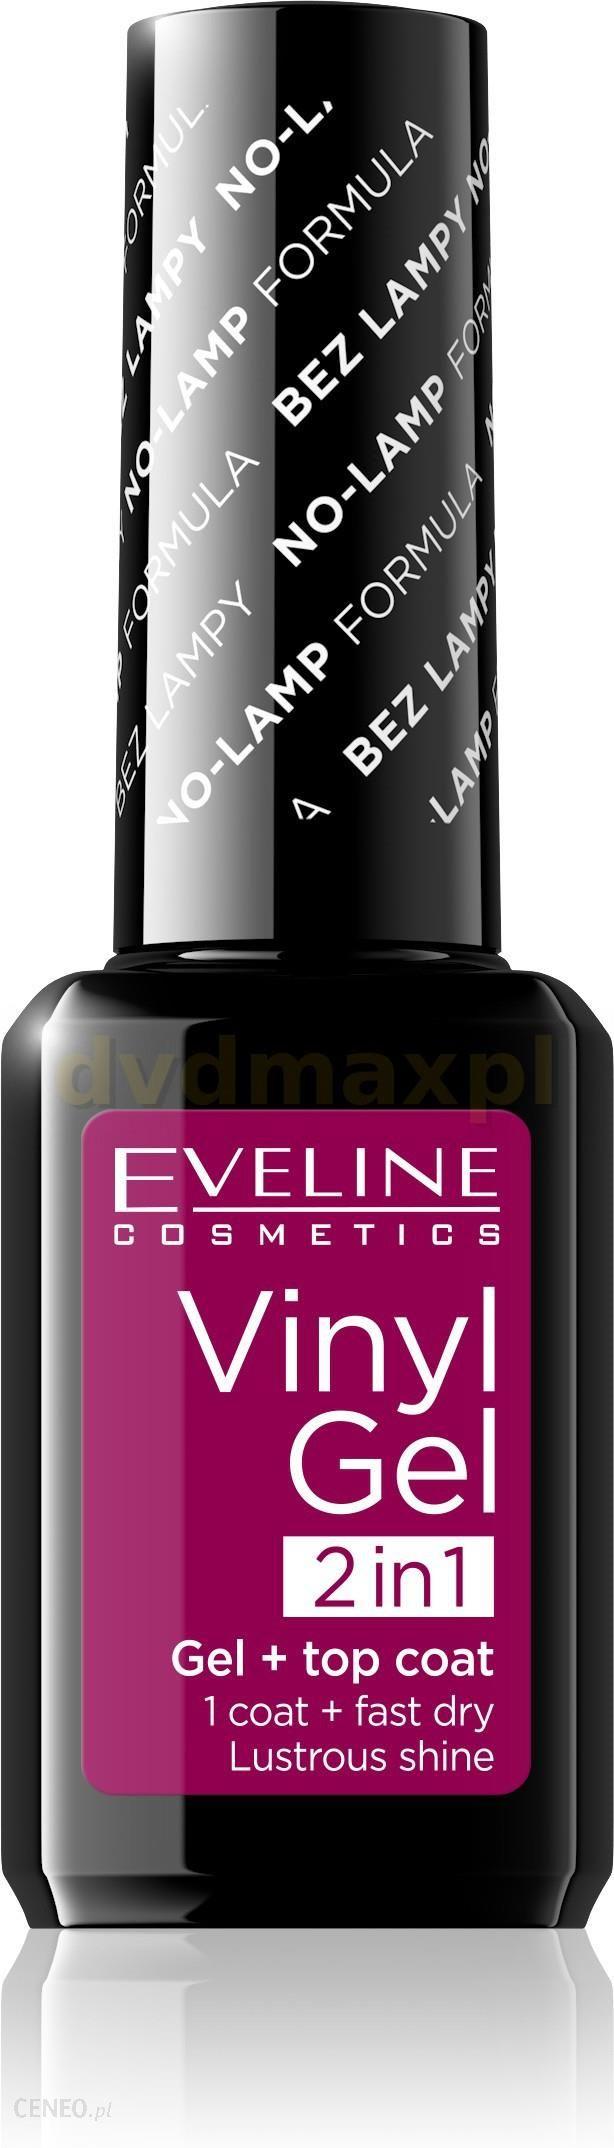 Eveline Vinyl Gel 2 In 1 12ml Lakier Vinyl Gel Nr 207 Opinie I Ceny Na Ceneo Pl